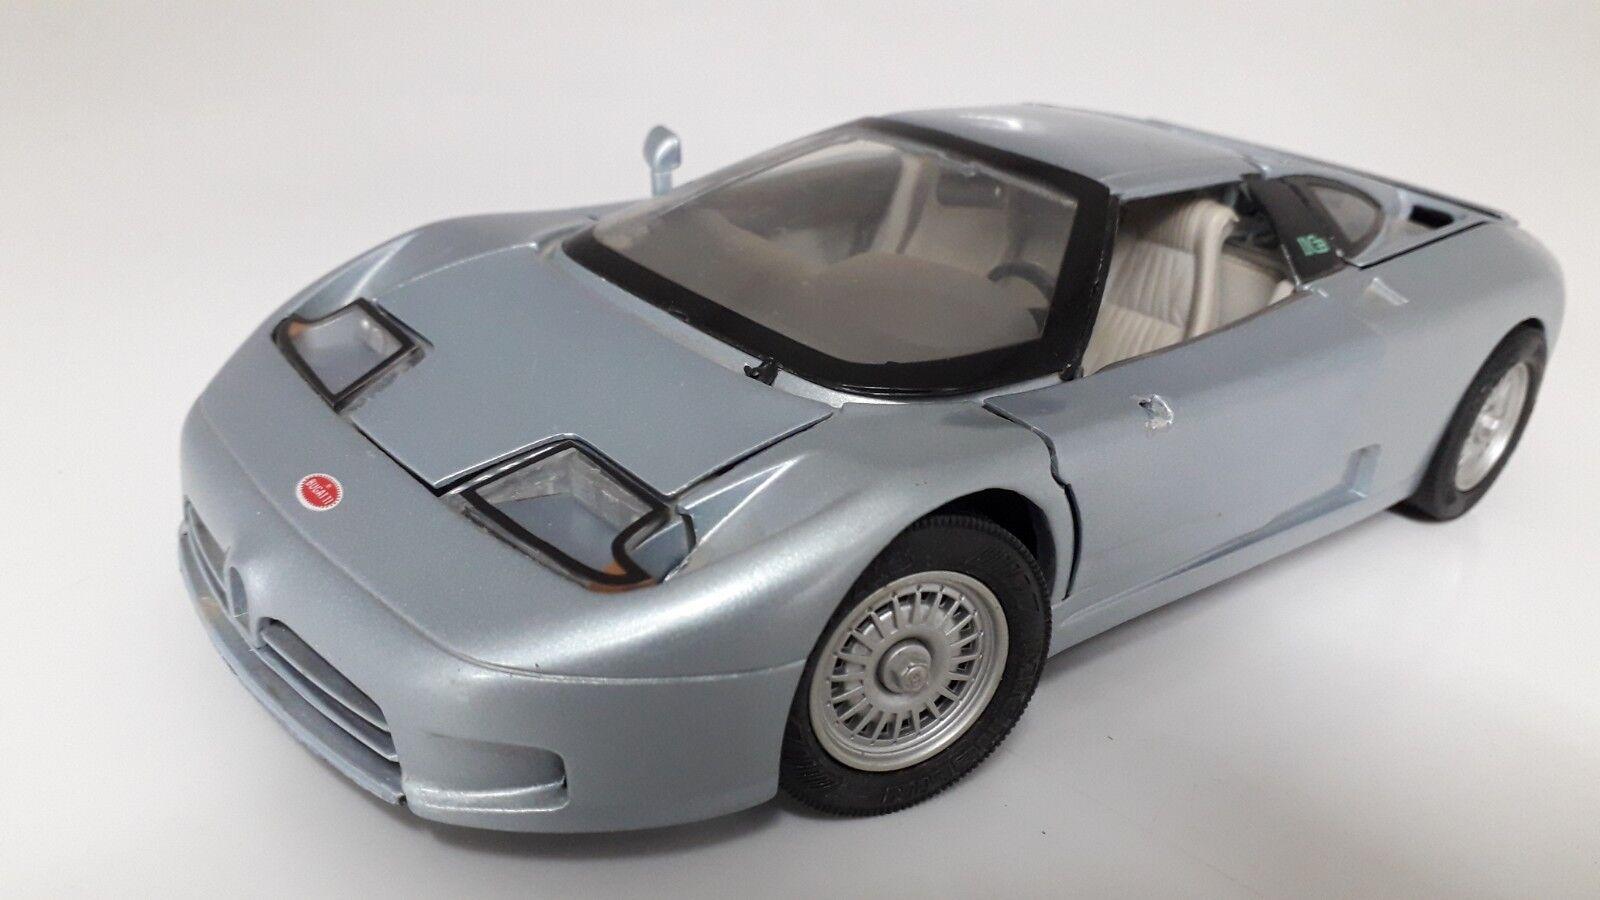 Bugatti EB 110 Anso Modellauto 1 18 defekt (3735)